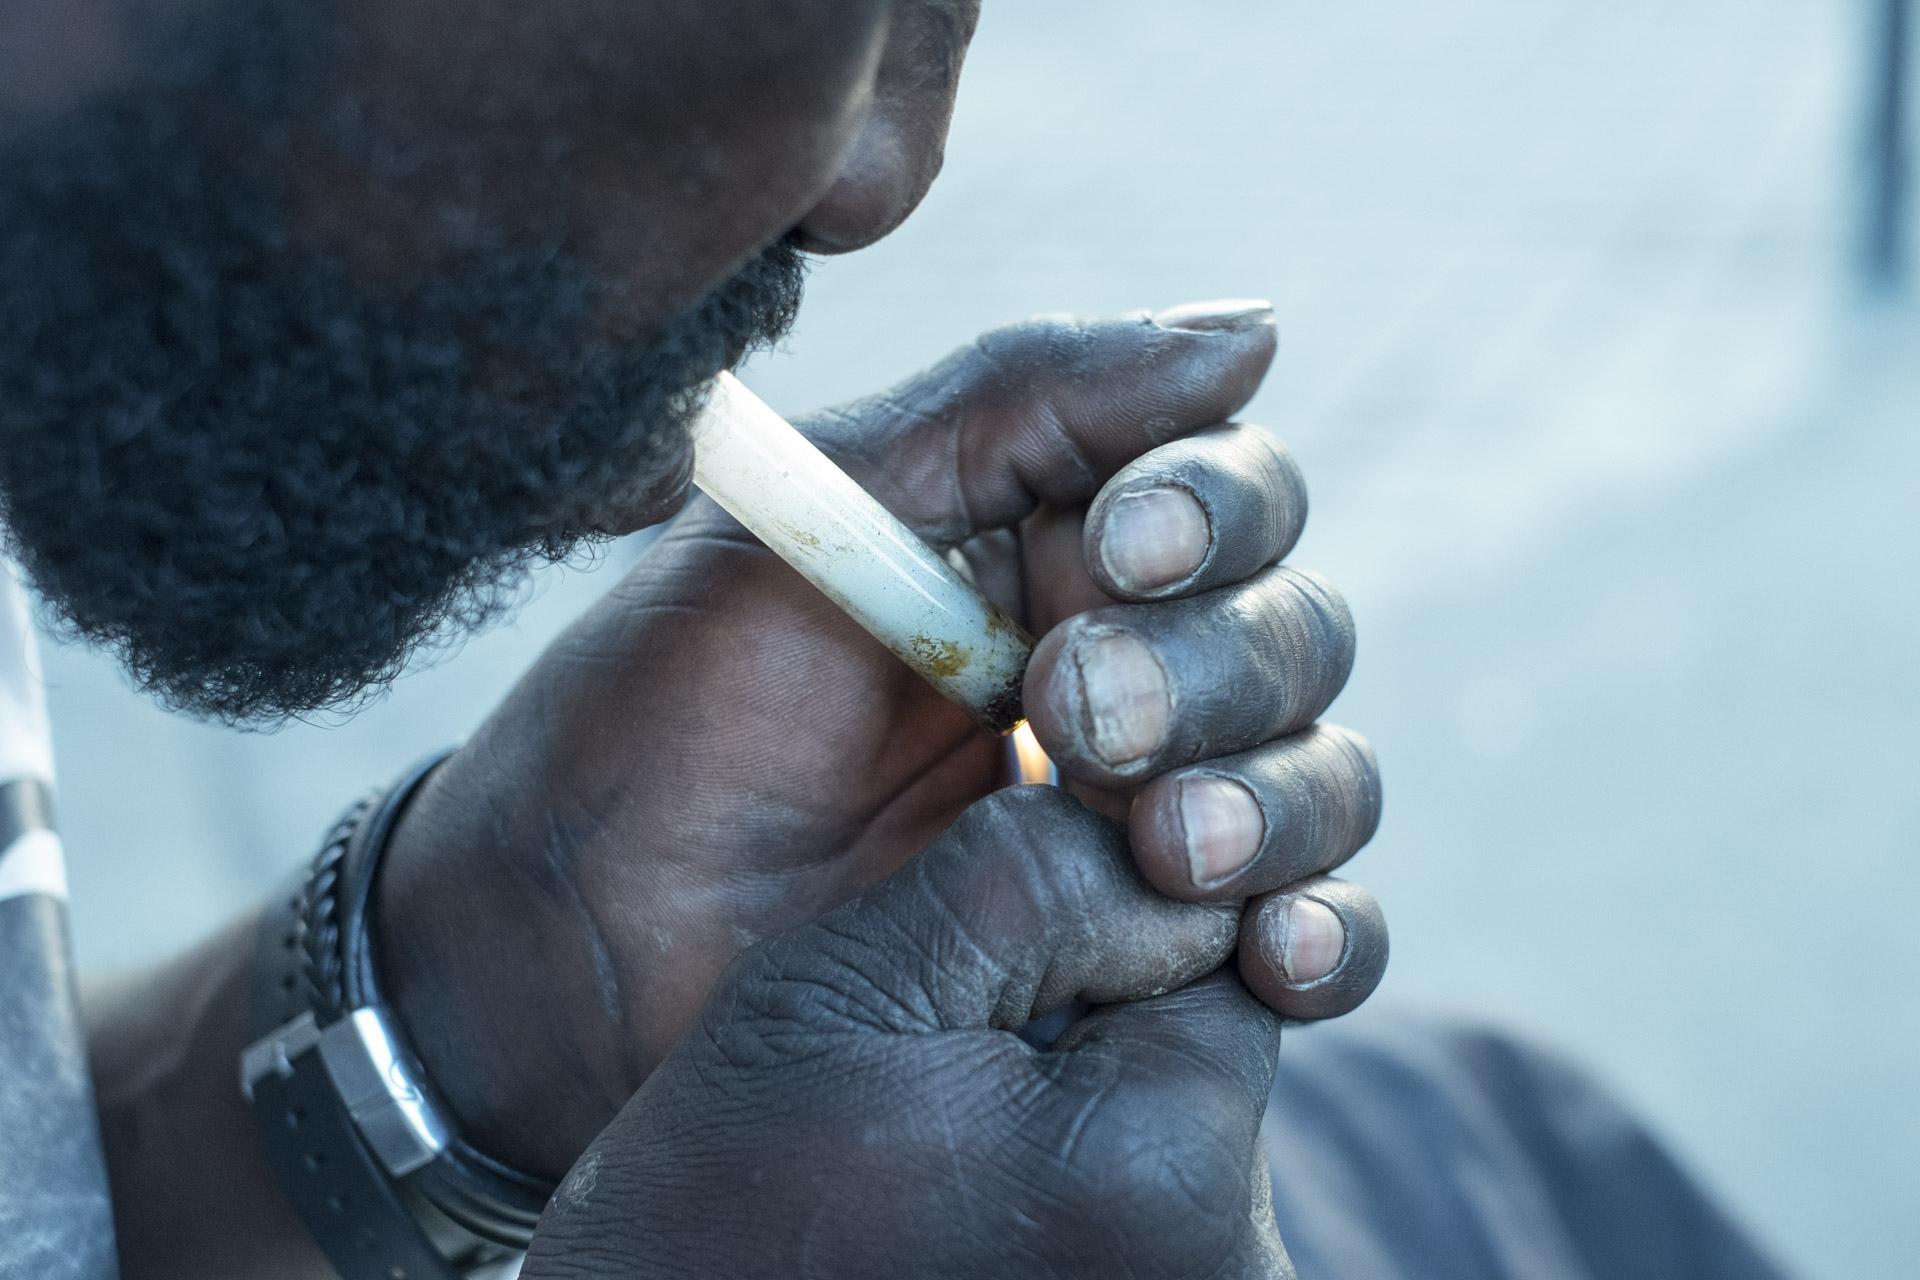 Les centres d'accueil et d'accompagnement à la réduction de risques pour usagers de drogues ( Caarud ) comme l'association Gaïa, présente rue de la Chapelle, distribuent des kits de consommation de drogue, notamment des « kits crack » : des petites boîtes en plastique contenant une pipe, un filtre, des embouts et une crème apaisante. L'enjeu est de réduire la transmission du VIH et des hépatites.